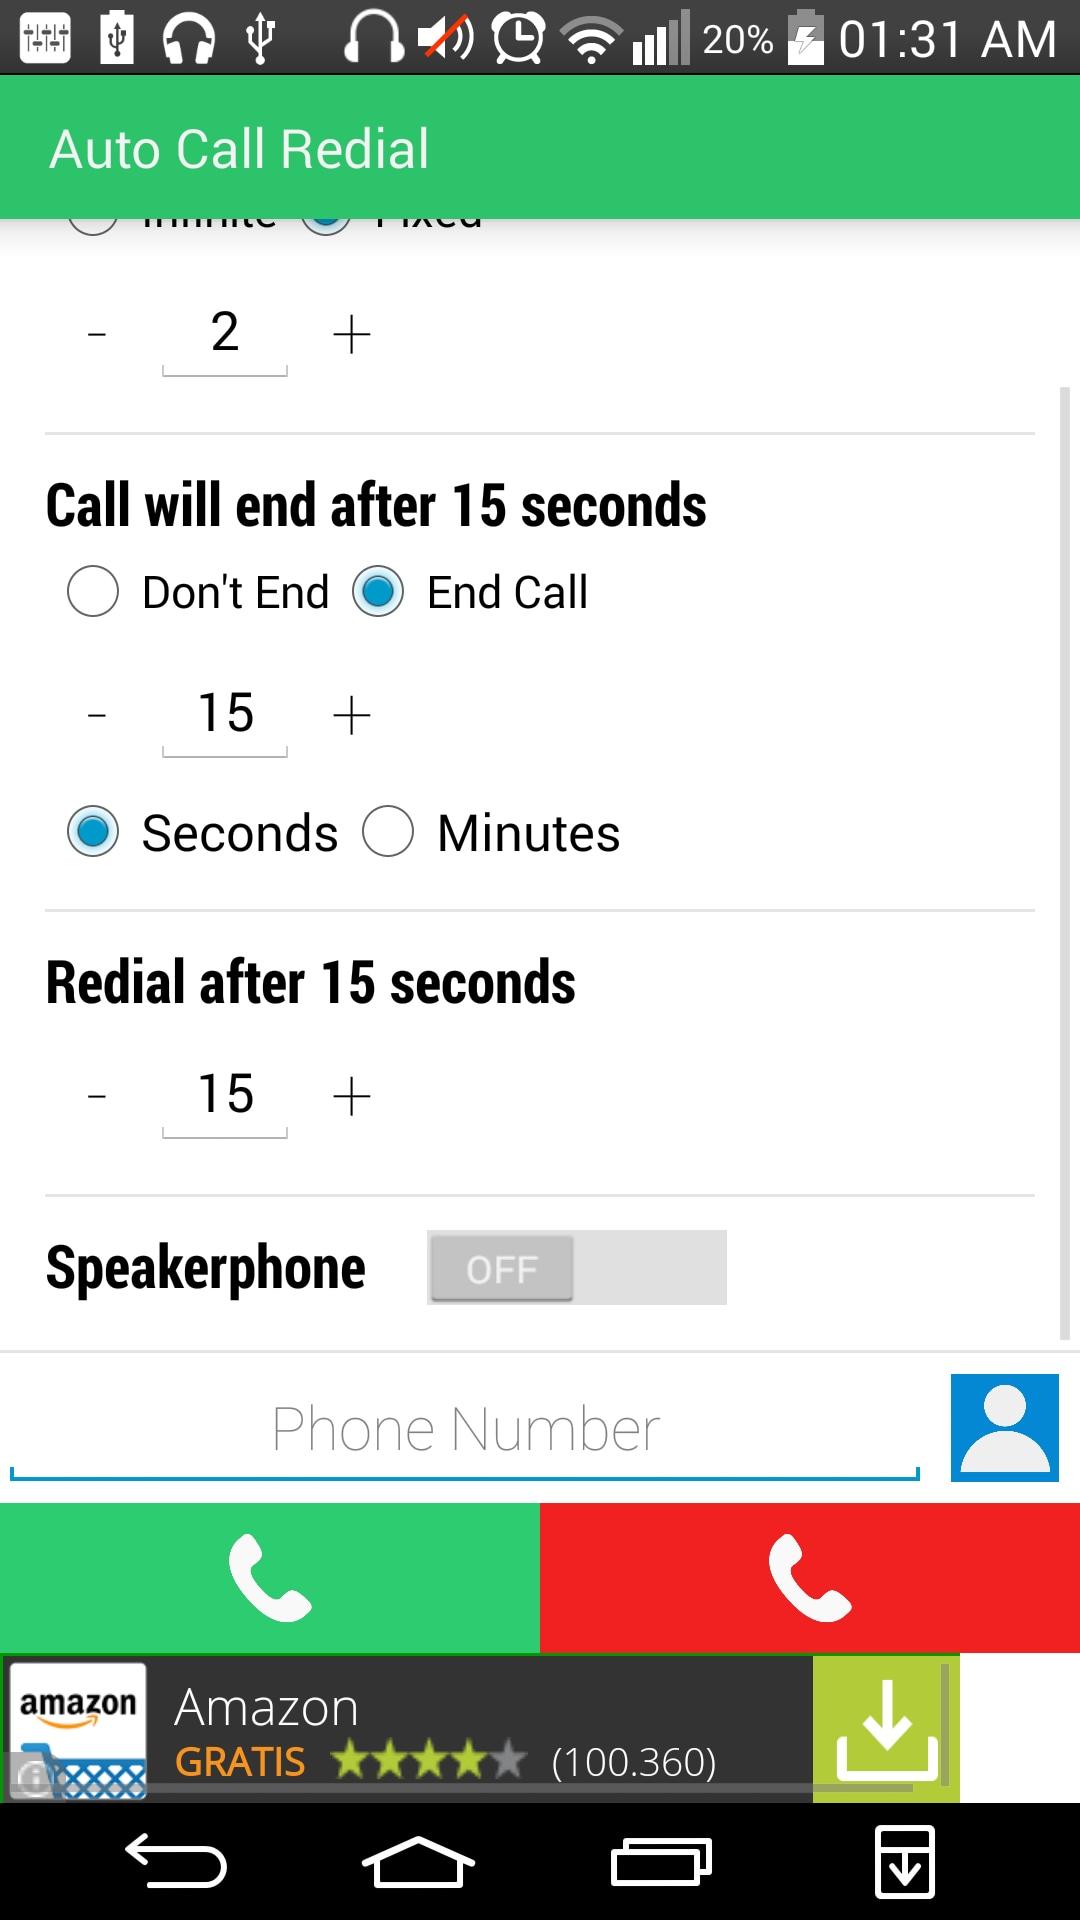 Auto Call Redial_chiamate automatiche (2)